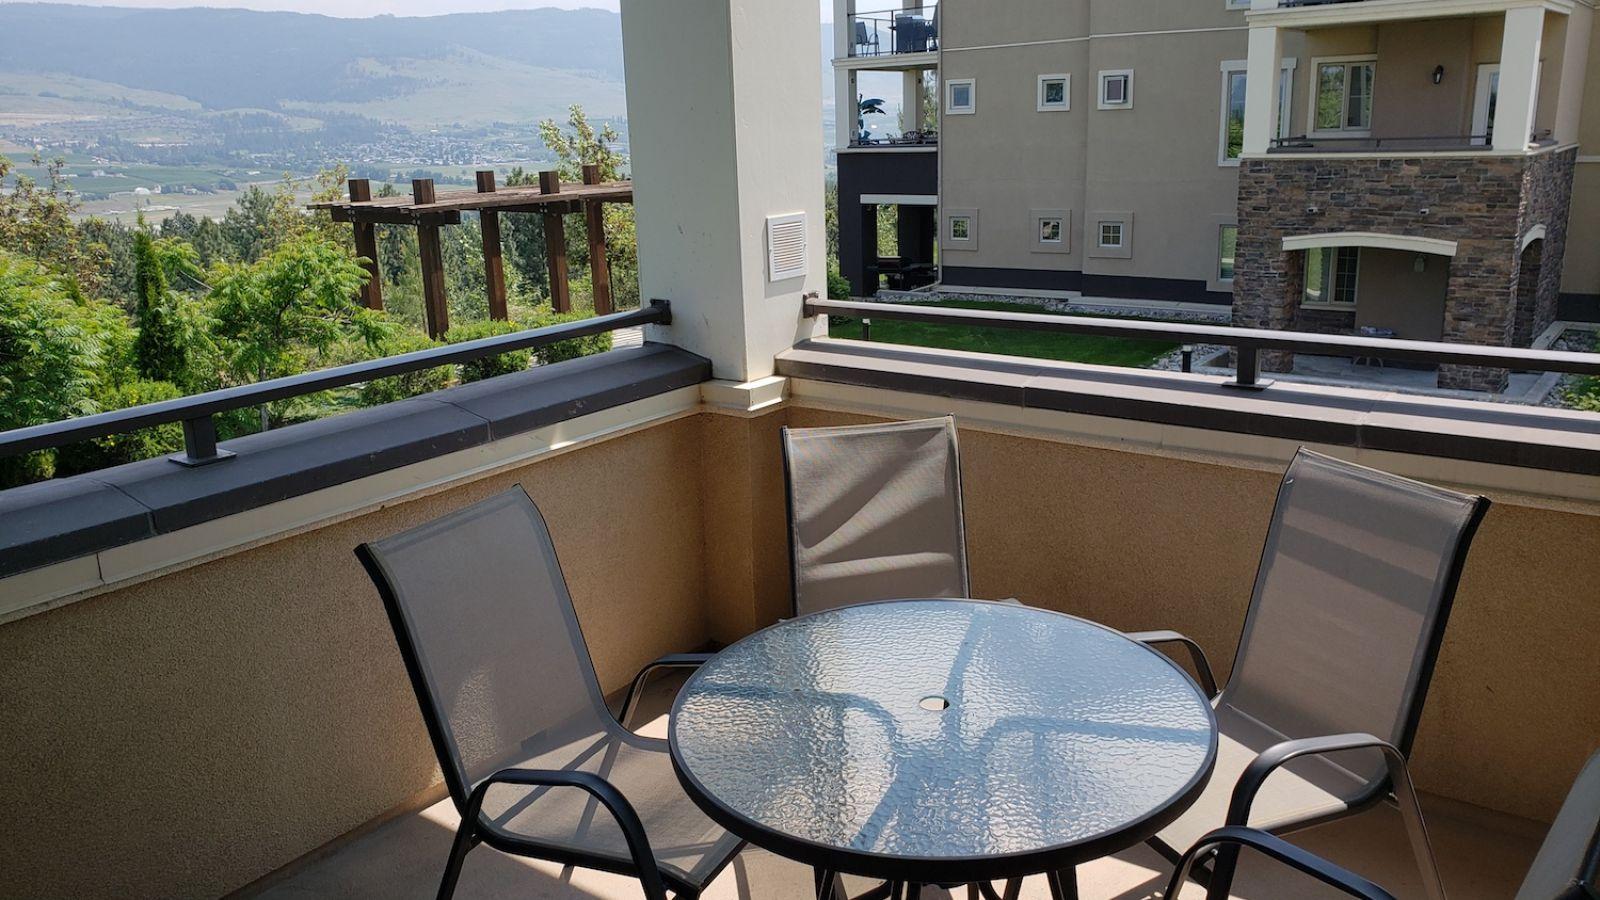 Pinnacle Condos - views from some decks